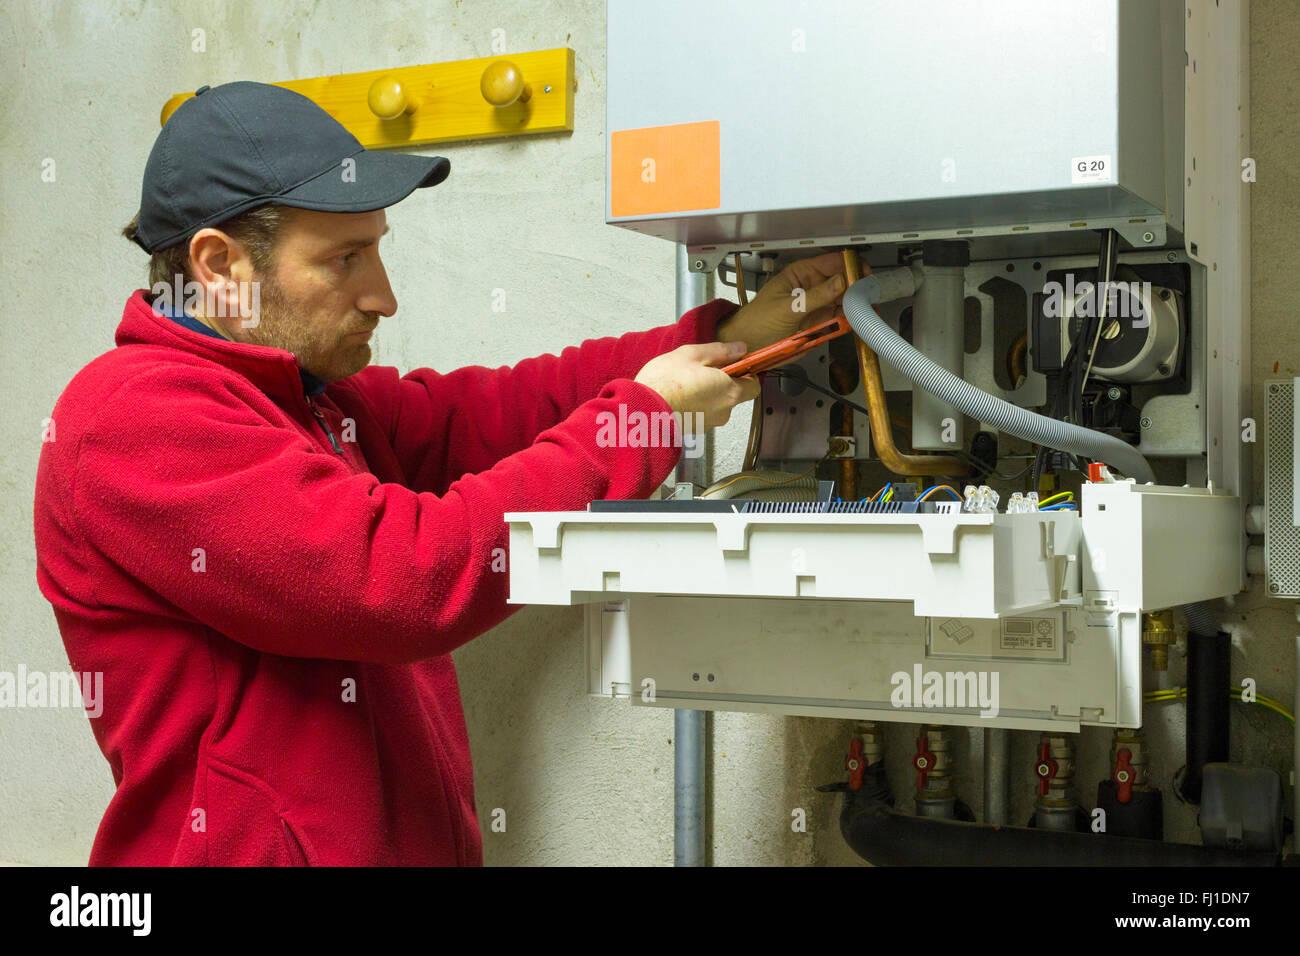 plumber repairing a condensing boiler in the boiler room - Stock Image